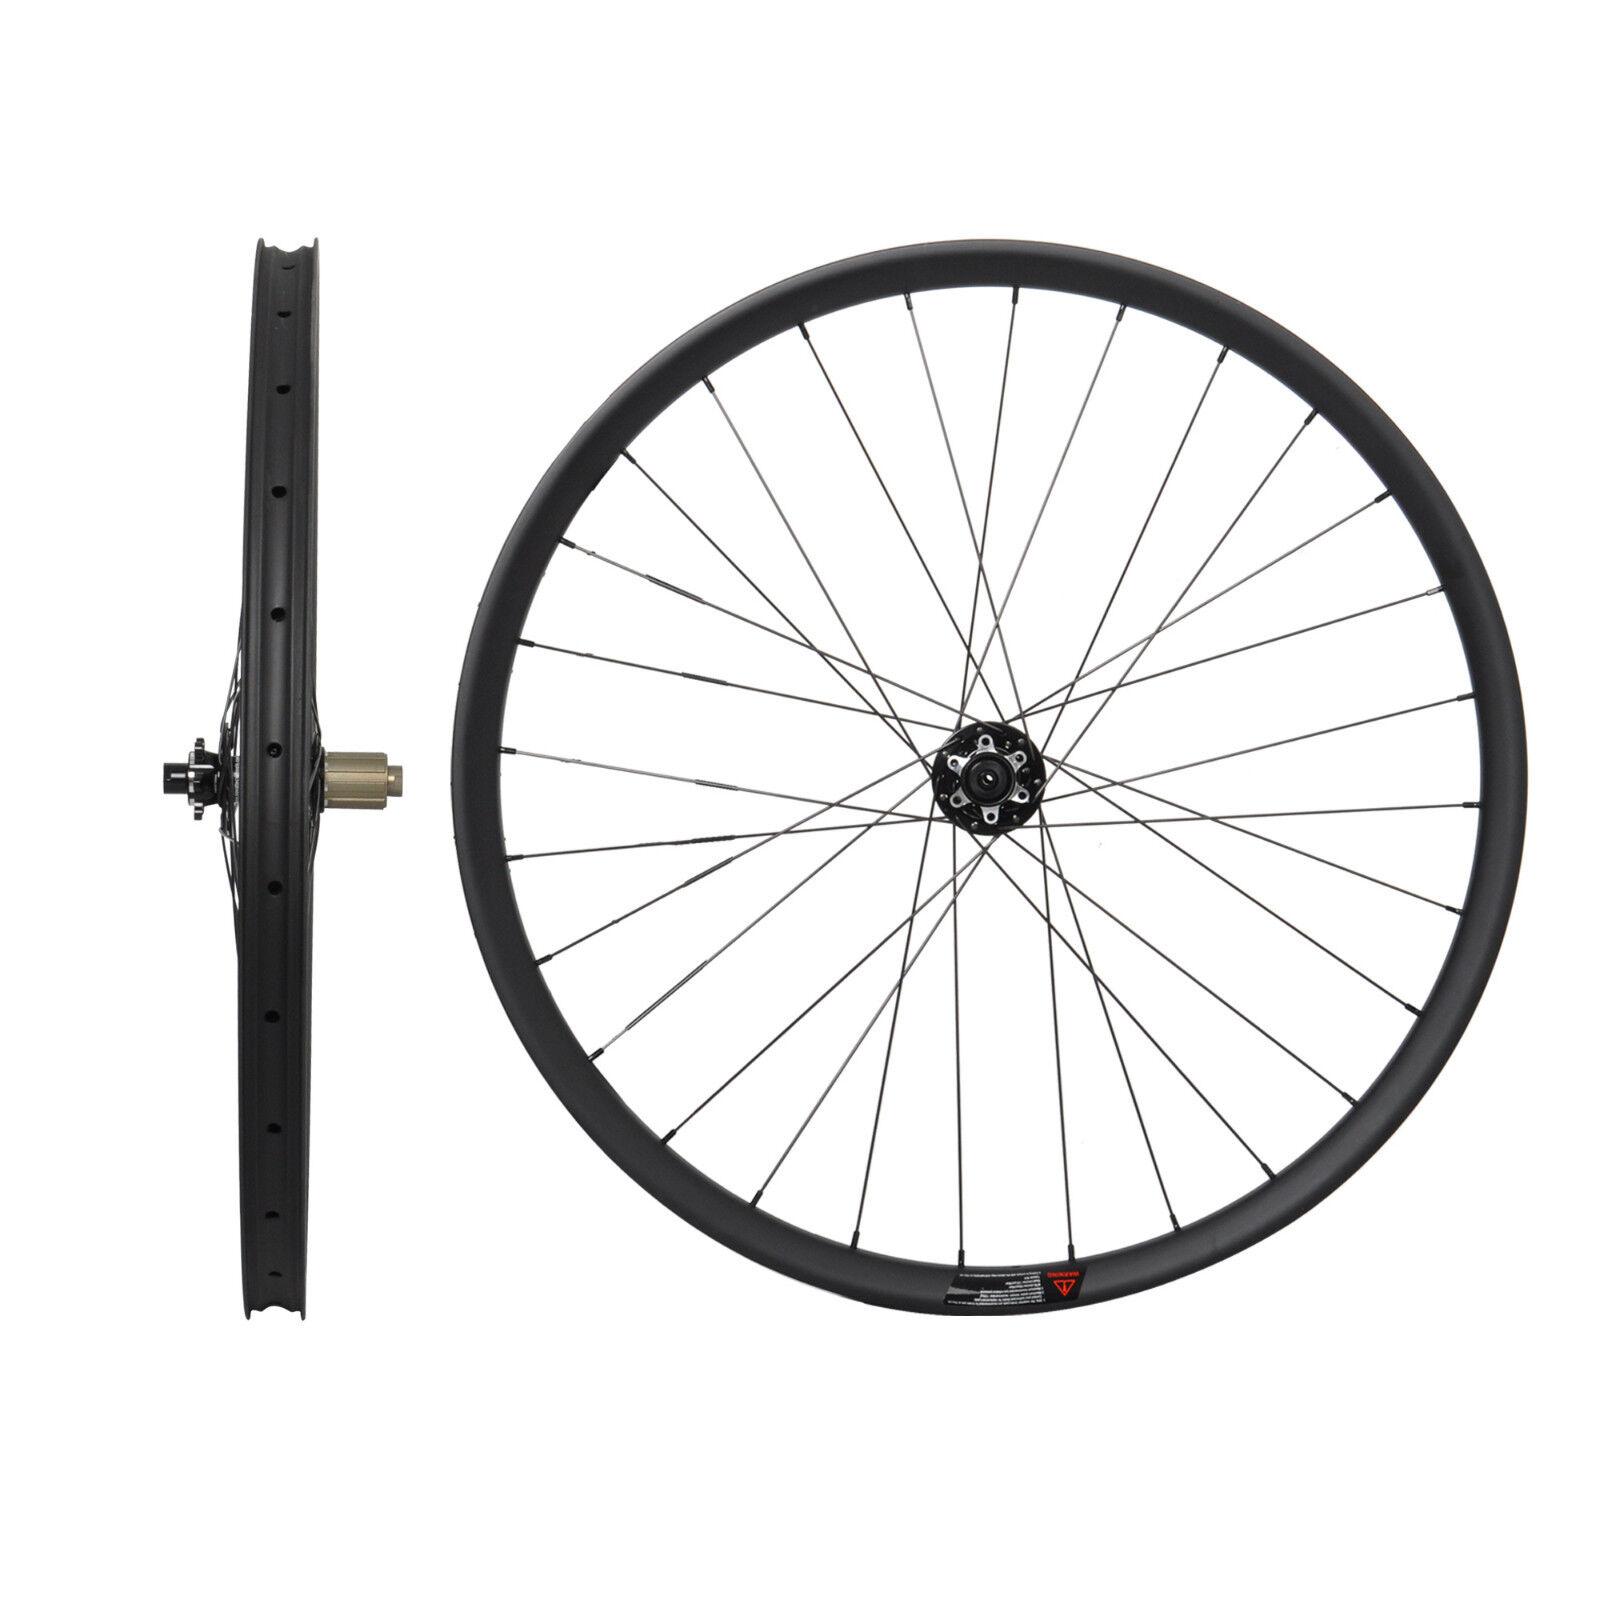 29er Carbon MTB Wheel Novatec 12mm QR UD Matt Clincher Disc Tubeless Rim 35mm